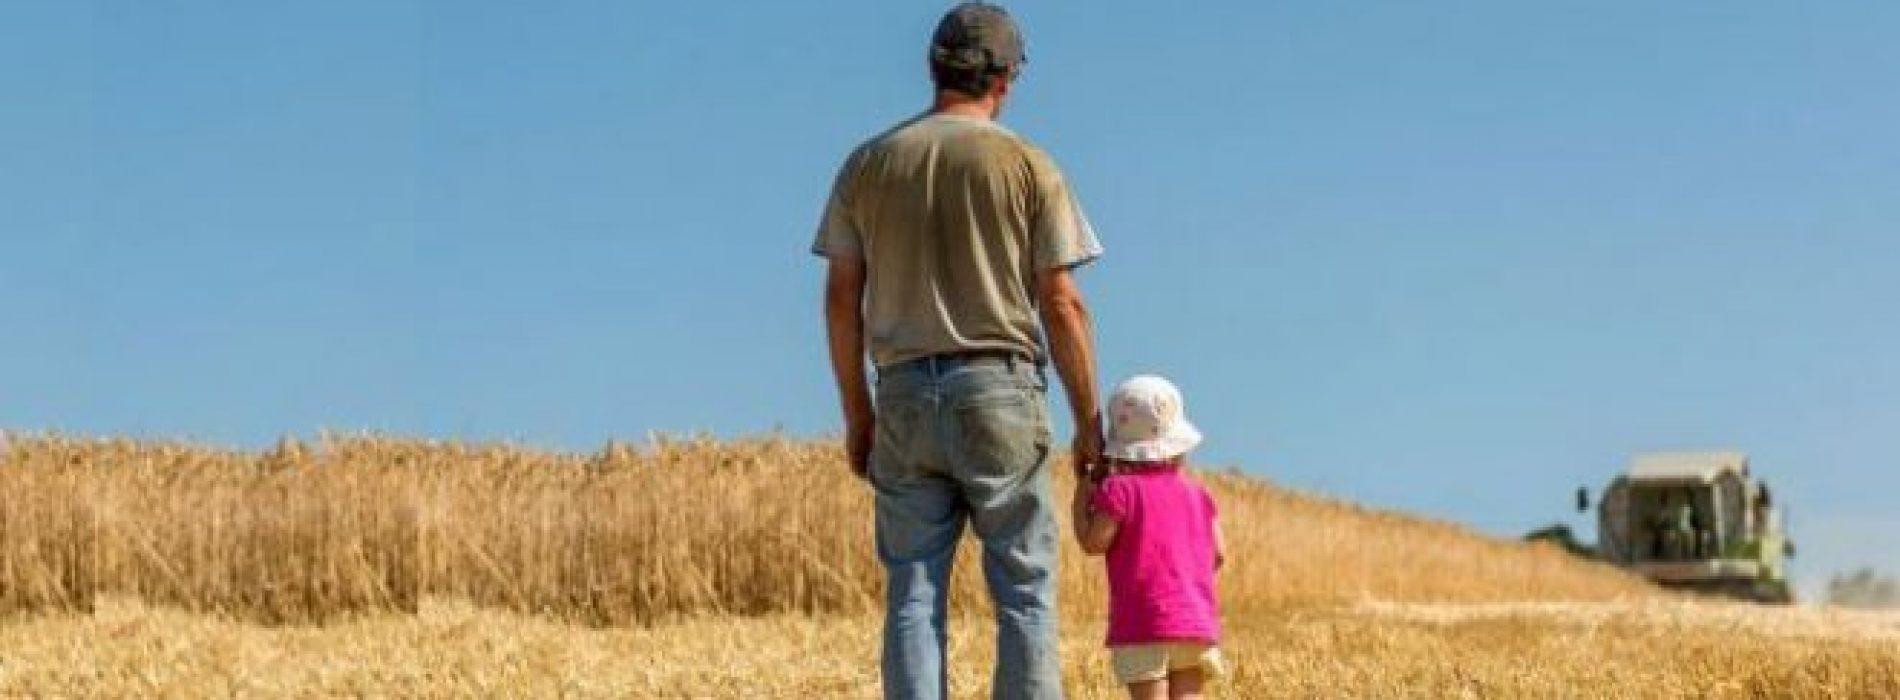 agricultura familiar artigo